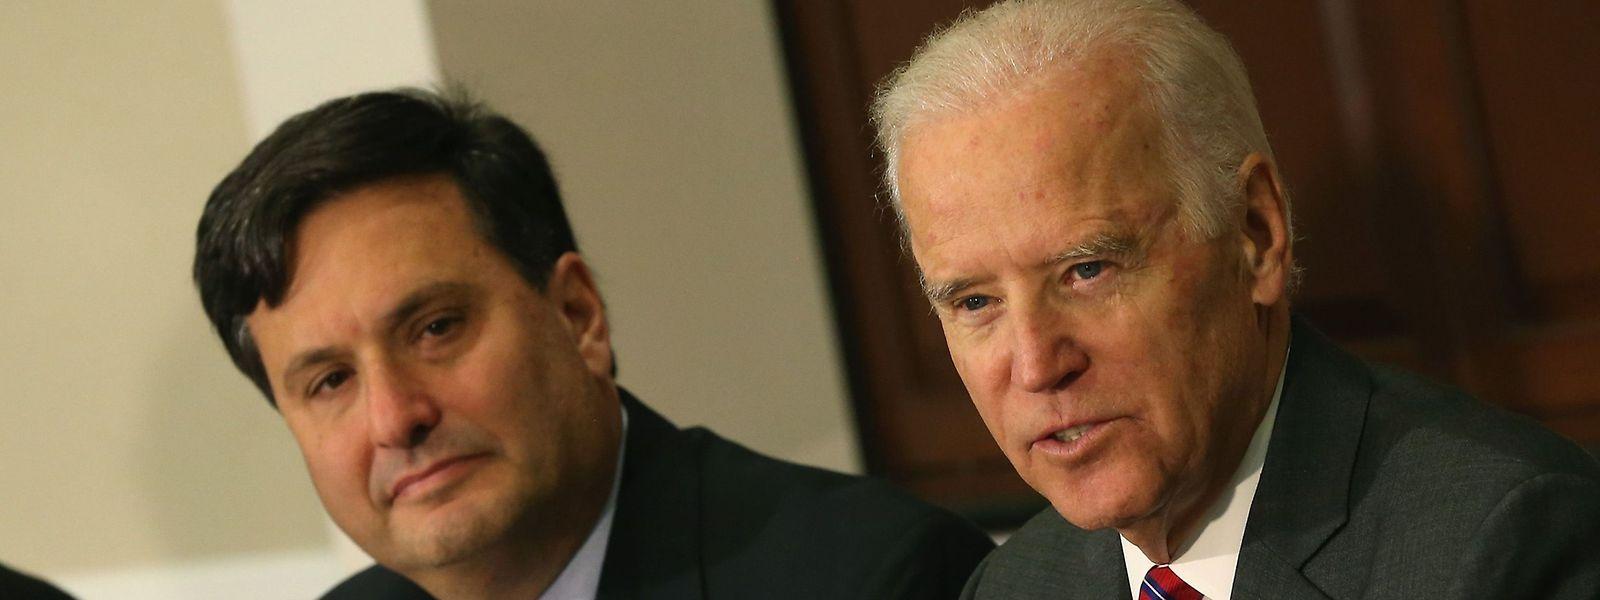 Joe Bidens langjähriger Vertrauter Ronald Klain (l.) wird die Schlüsselposition des Stabschefs im Weißen Haus übernehmen.